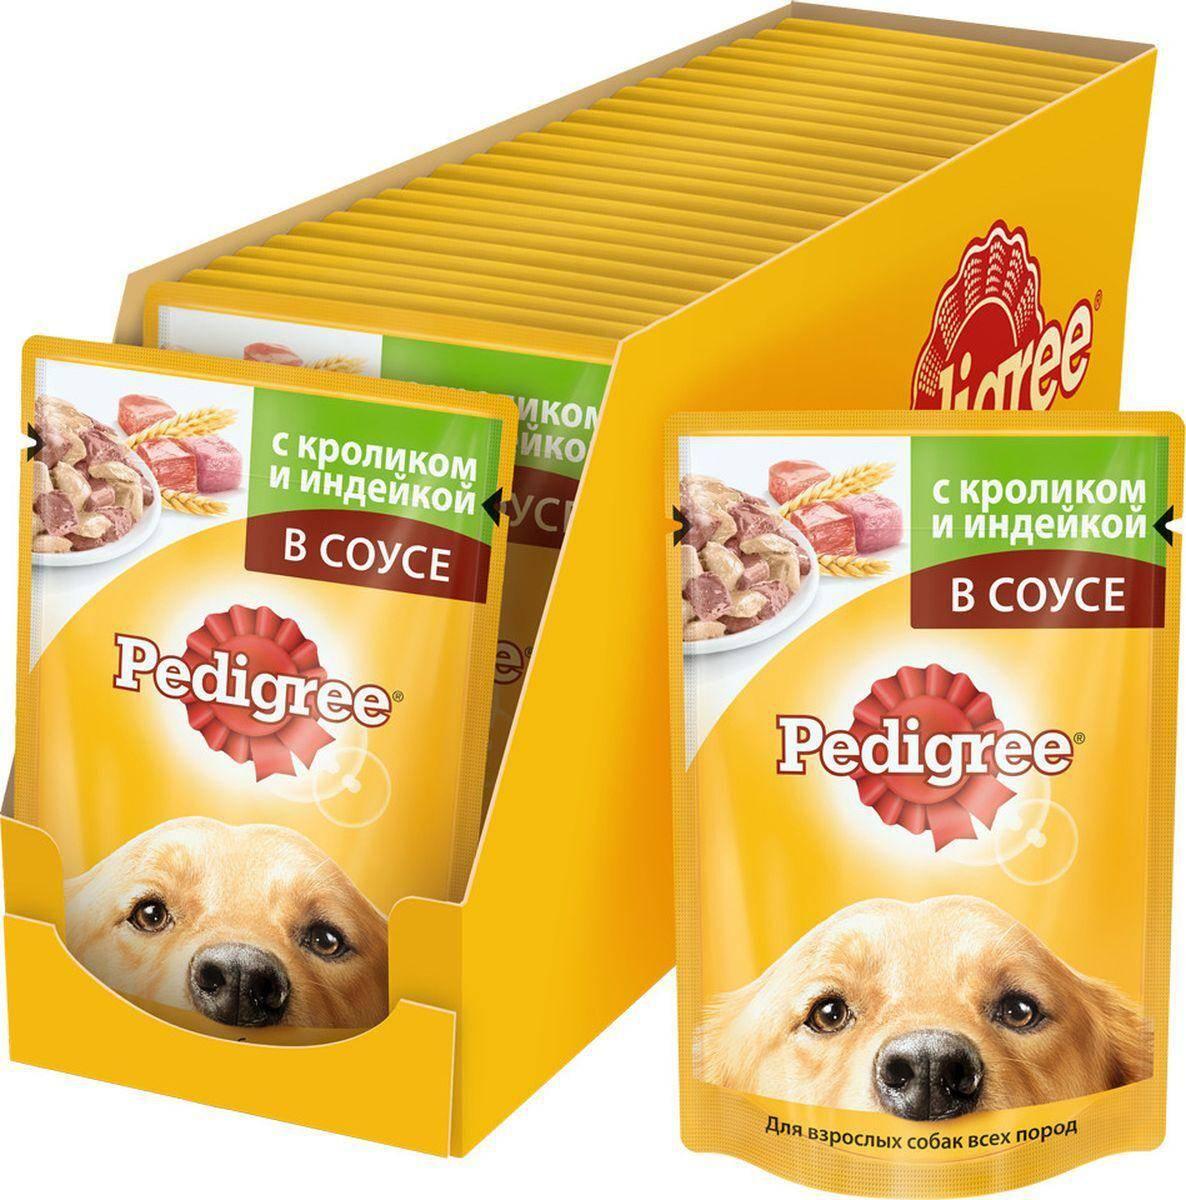 Корм для собак pedigree (педигри): класс корма, состав, производитель